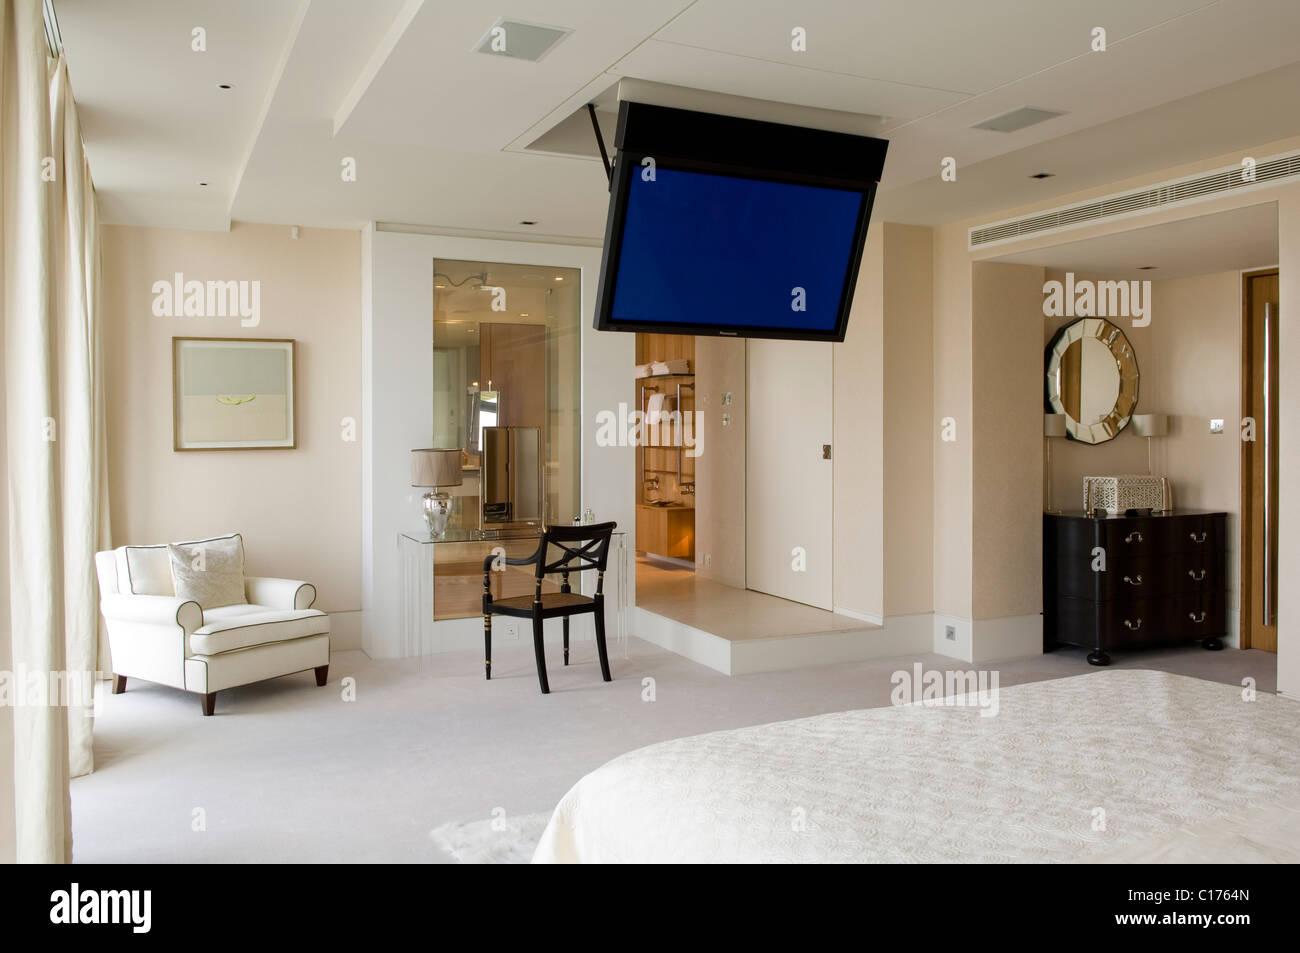 télévision écran plat plasma monté sur le plafond dans une chambre